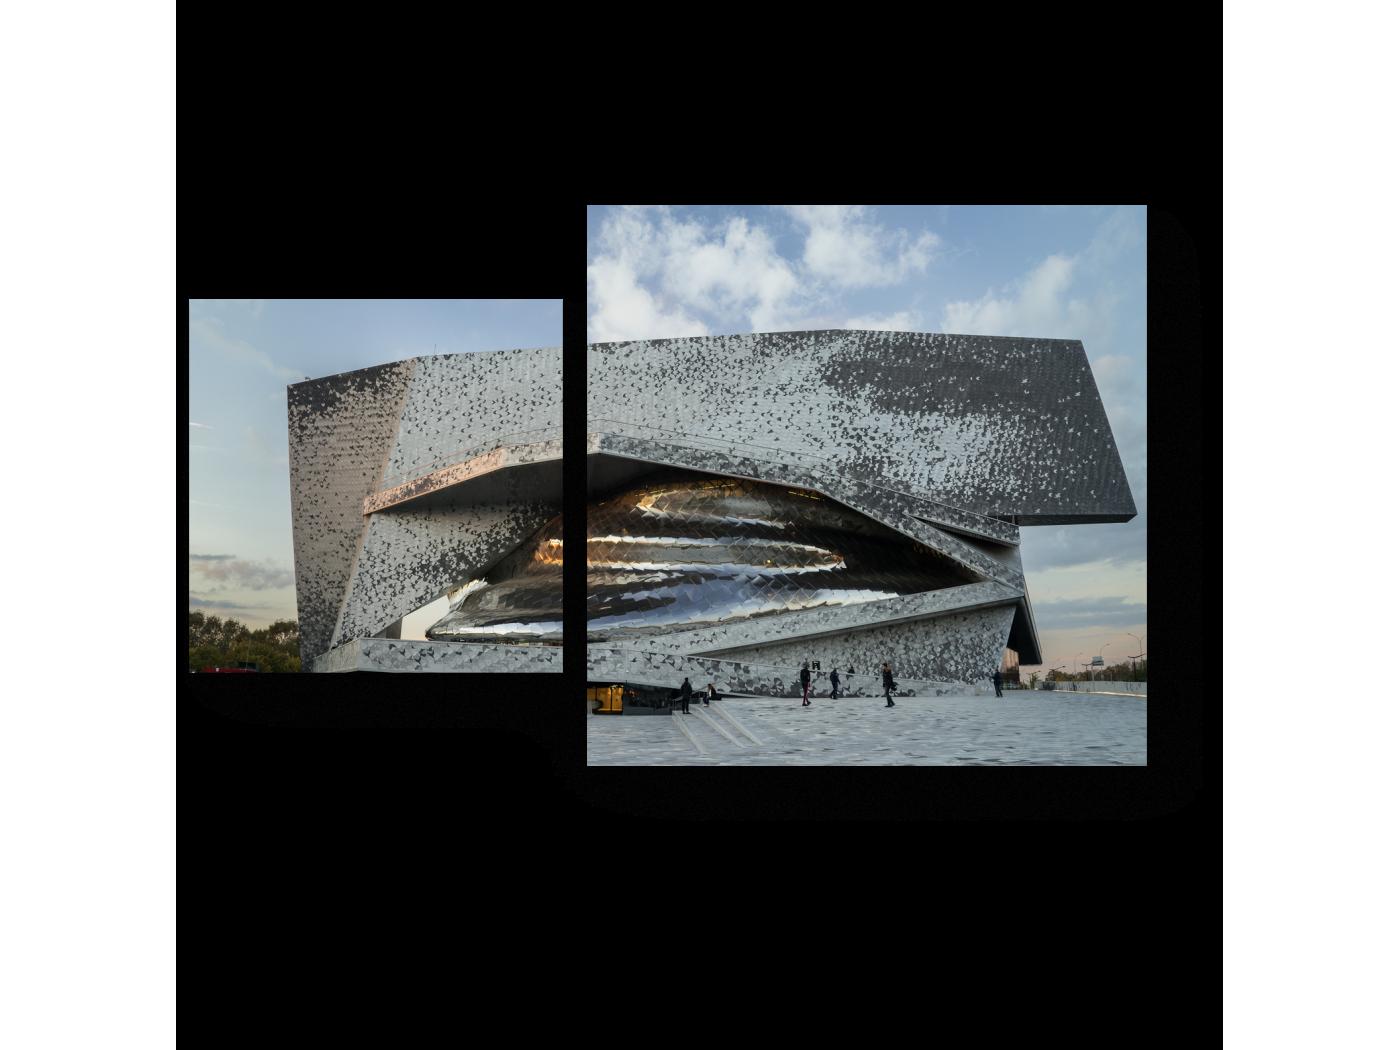 Модульная картина Новый взгляд на Париж (50x30) фото